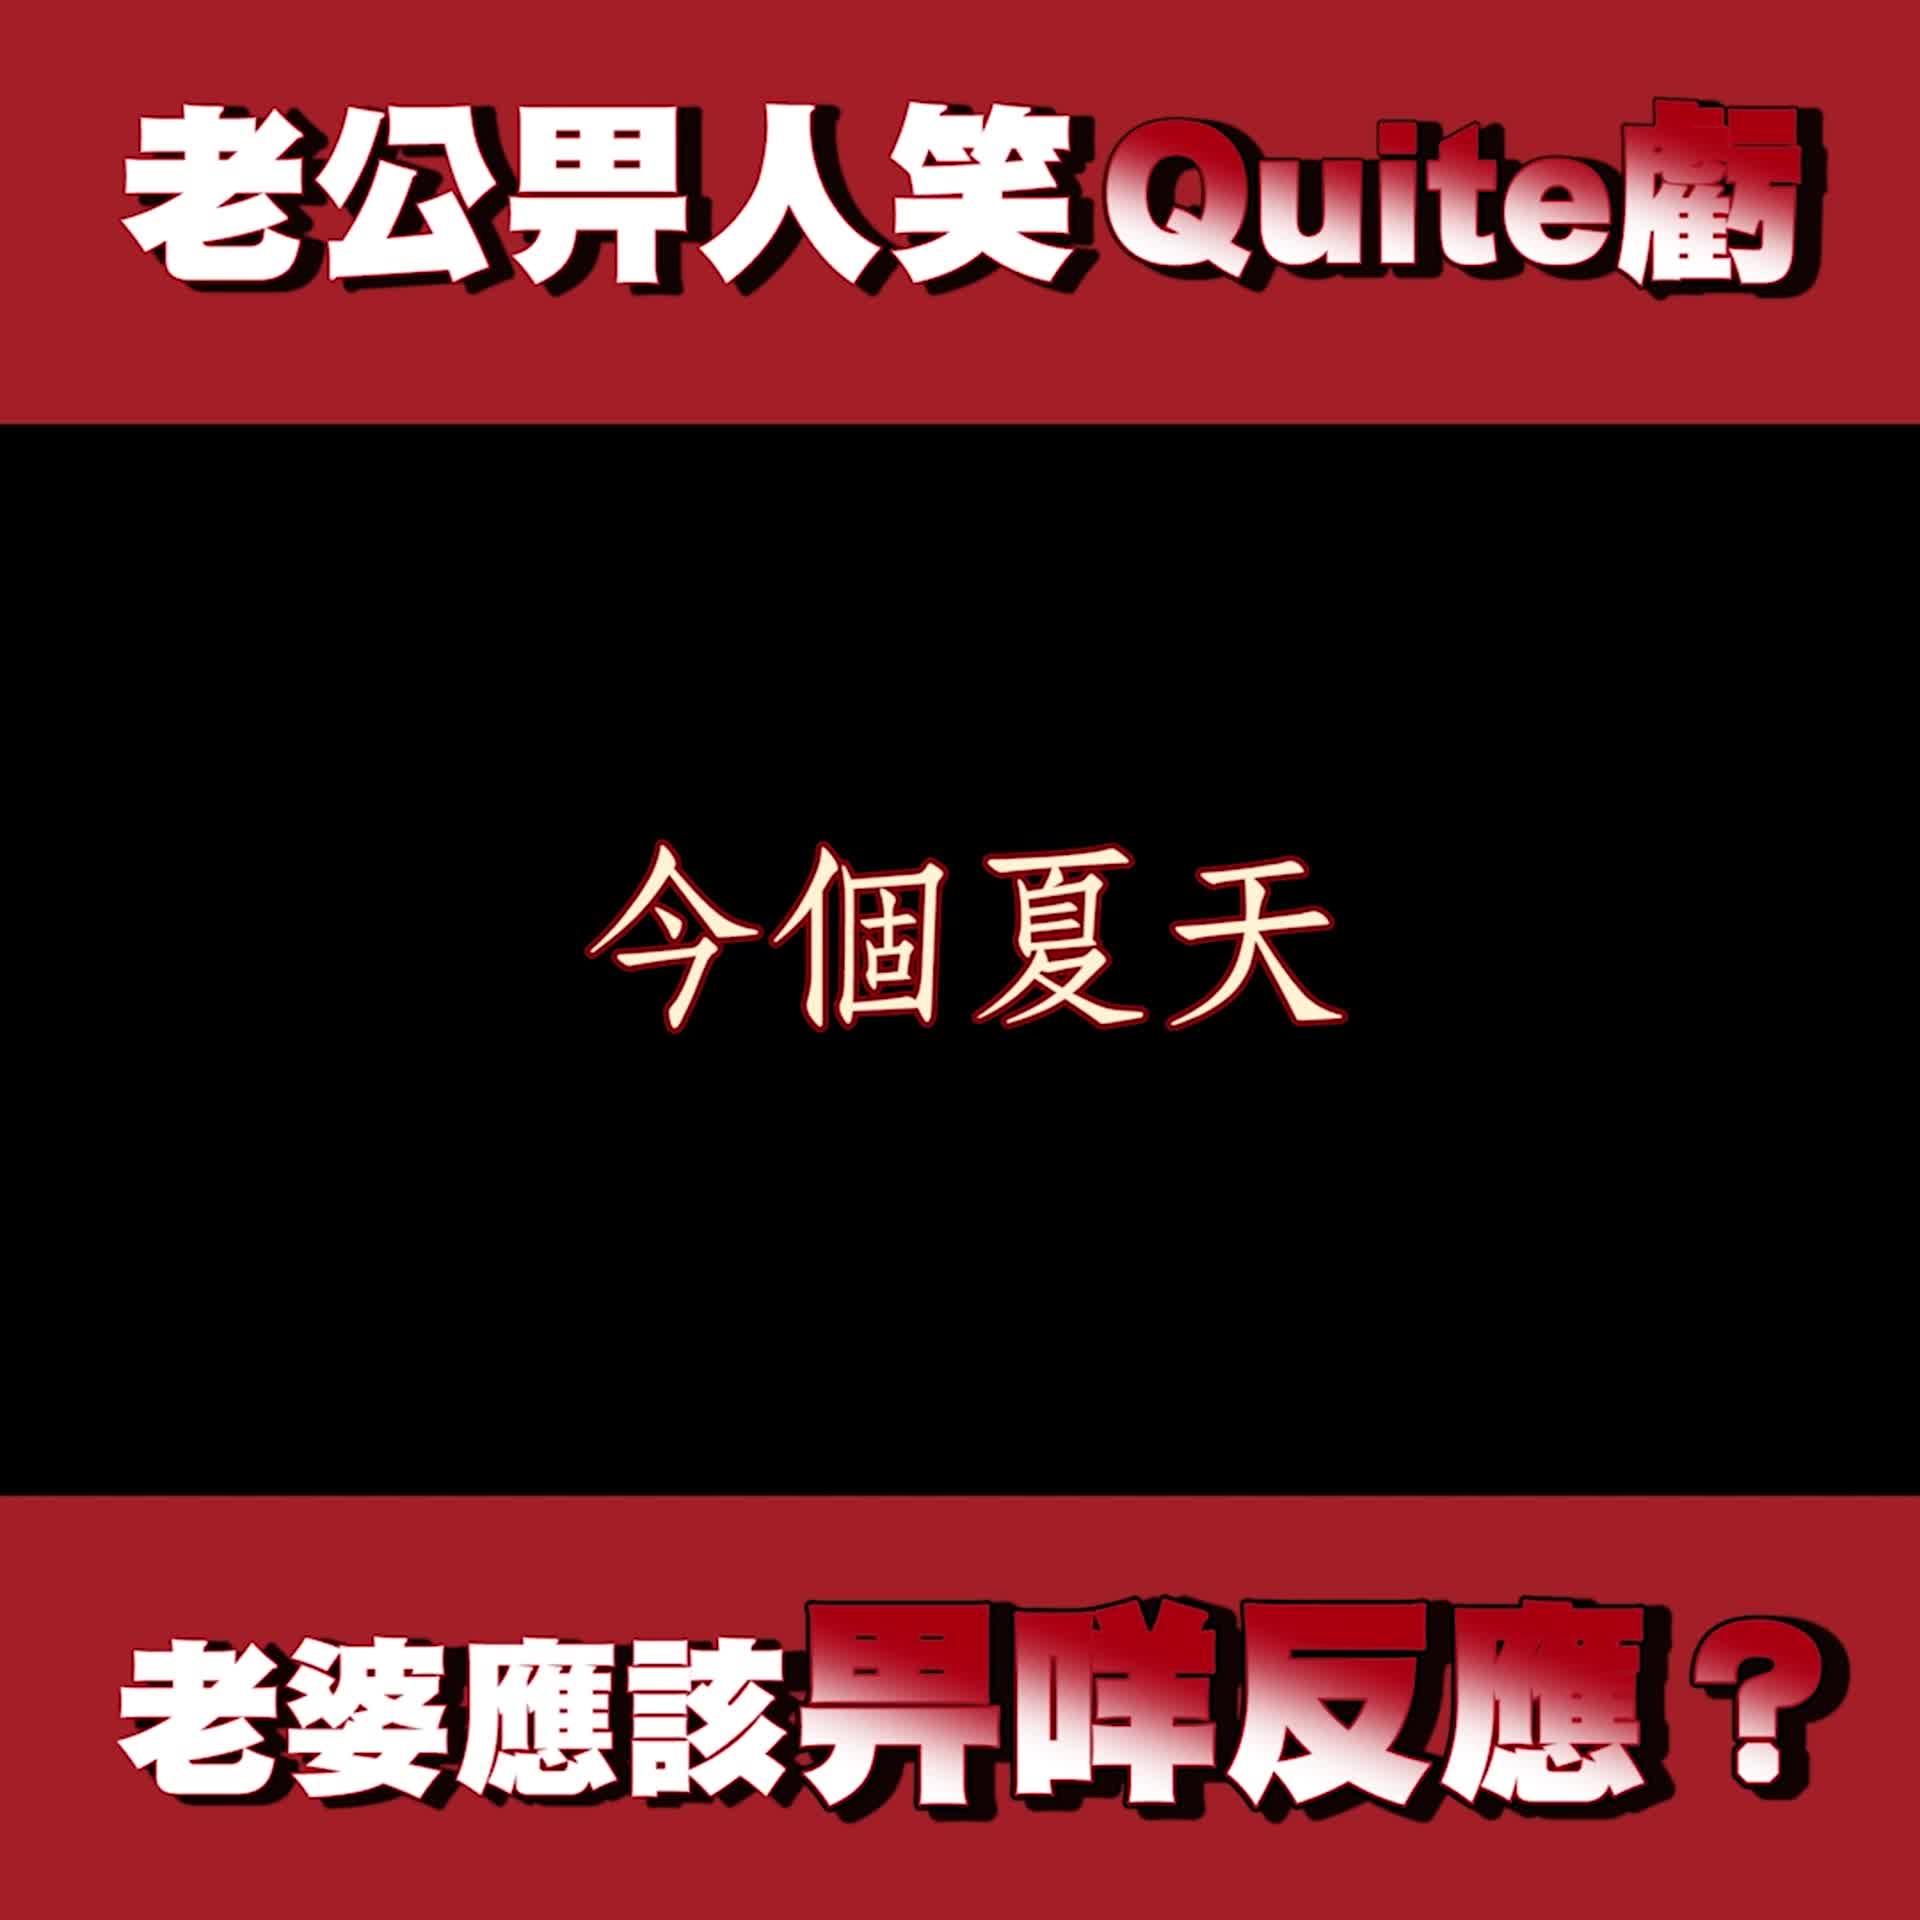 香港愛情故事 (番外篇) 預告2